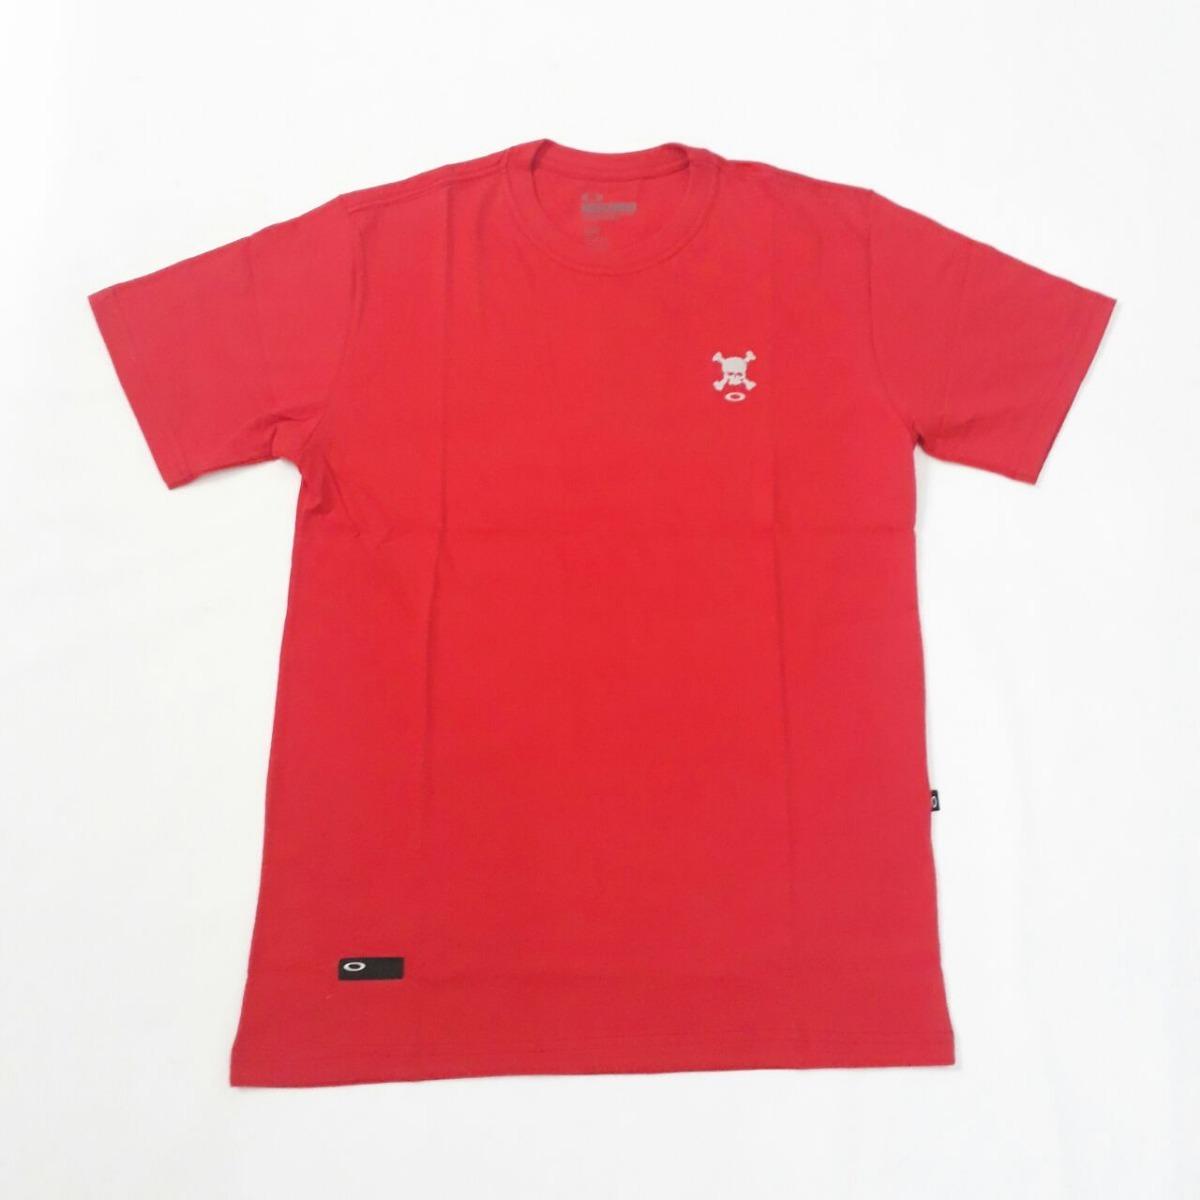 5c8bc1189435d Camiseta Oakley Rip Curl Quiksilver Masculina Predador - R  45,00 em ...